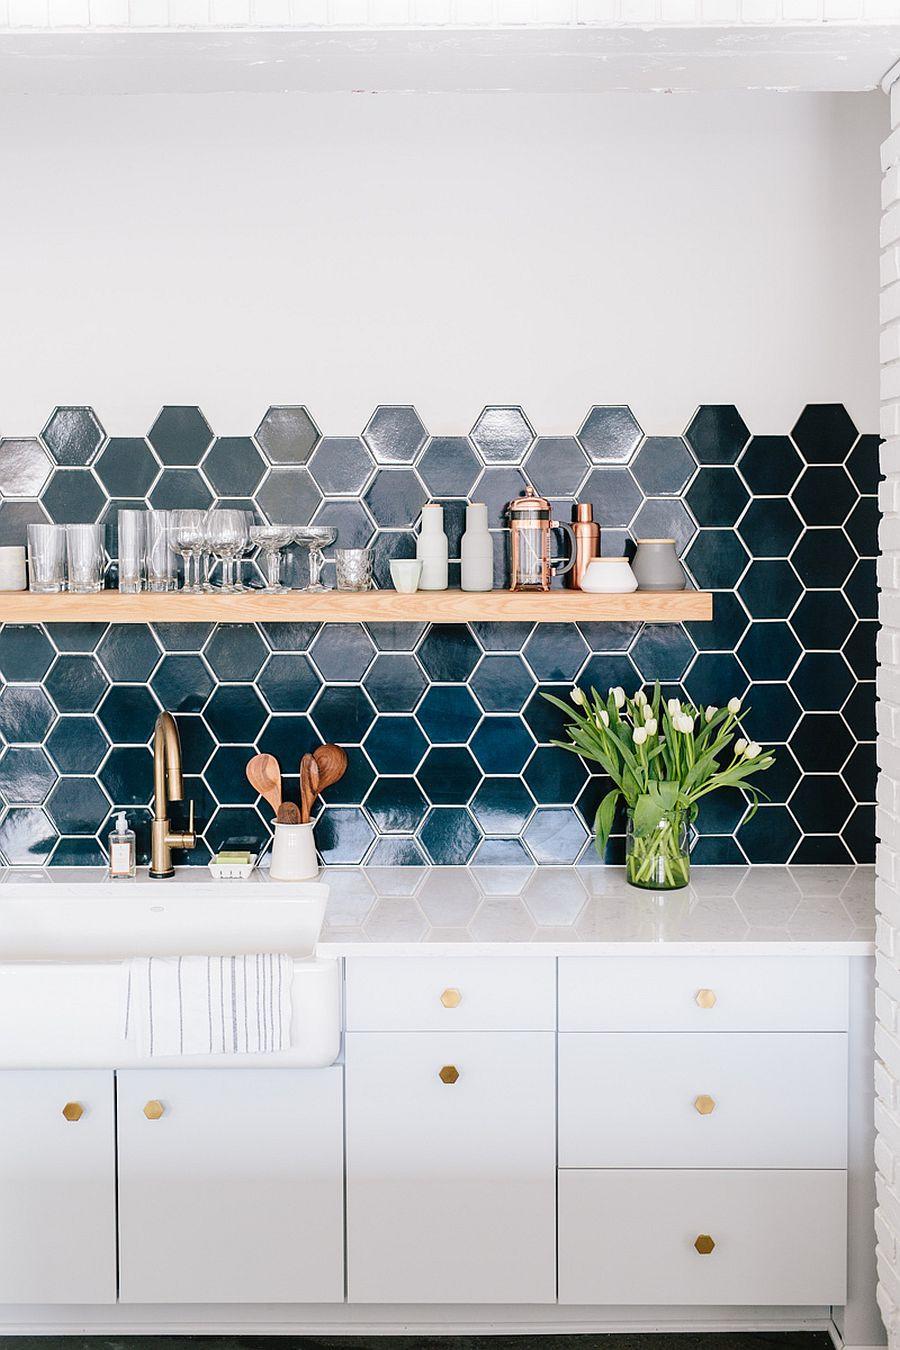 дизайн-интерьера-кухня-шестиугольная-плитка